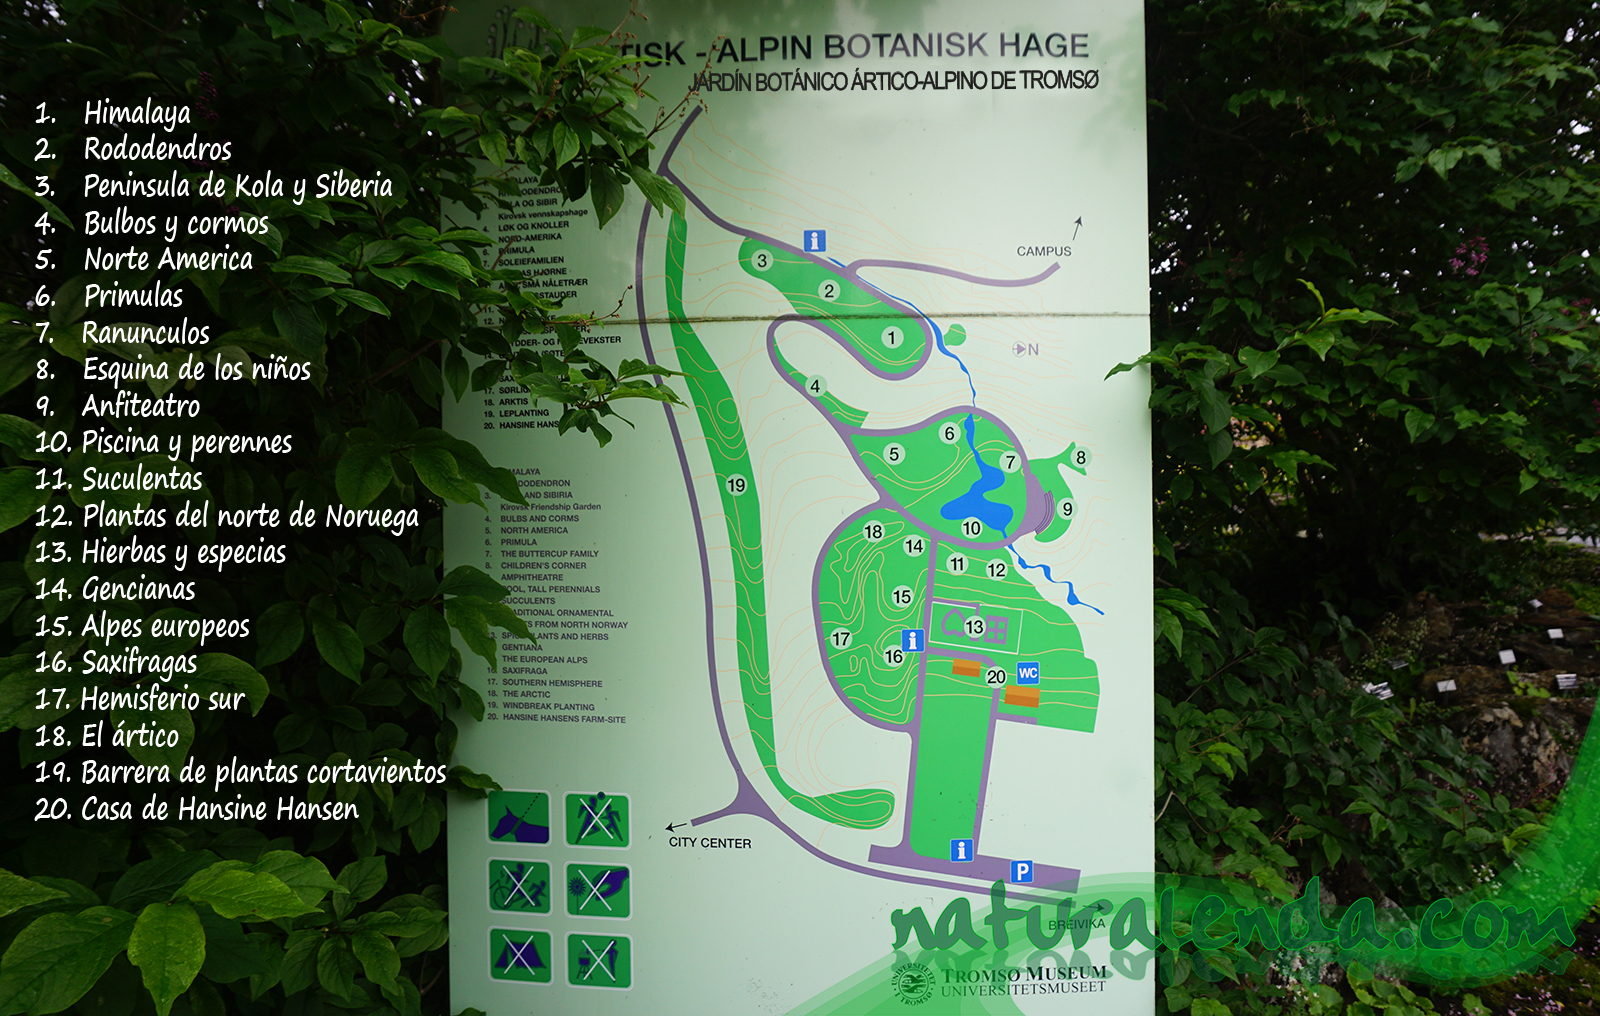 mapa del jardin botanico artico alpino de tromso